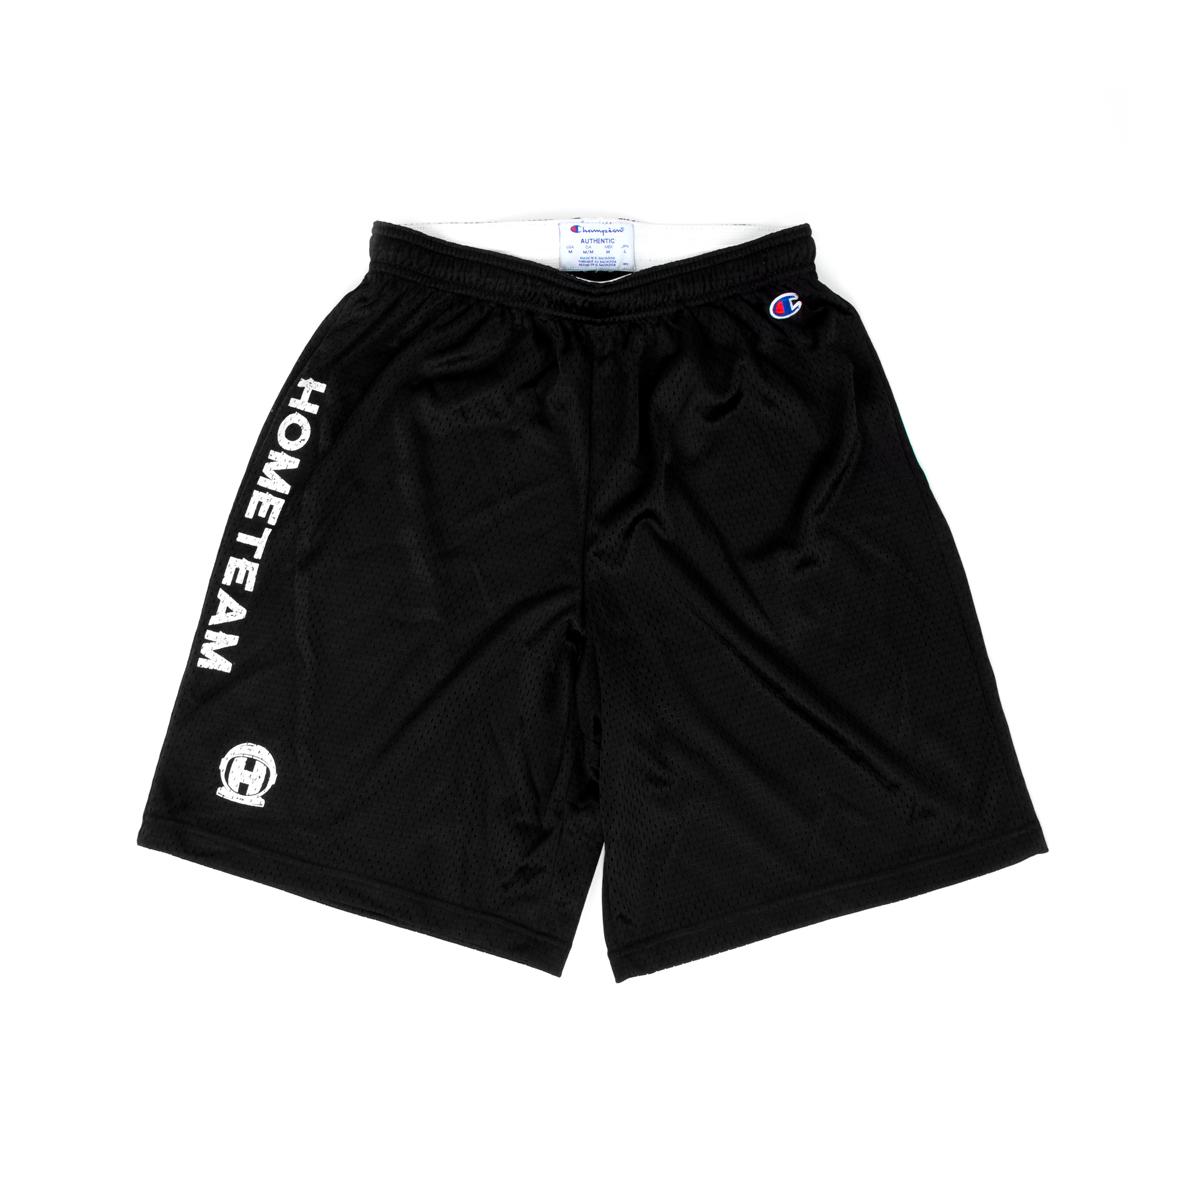 Spaceman Mesh Shorts